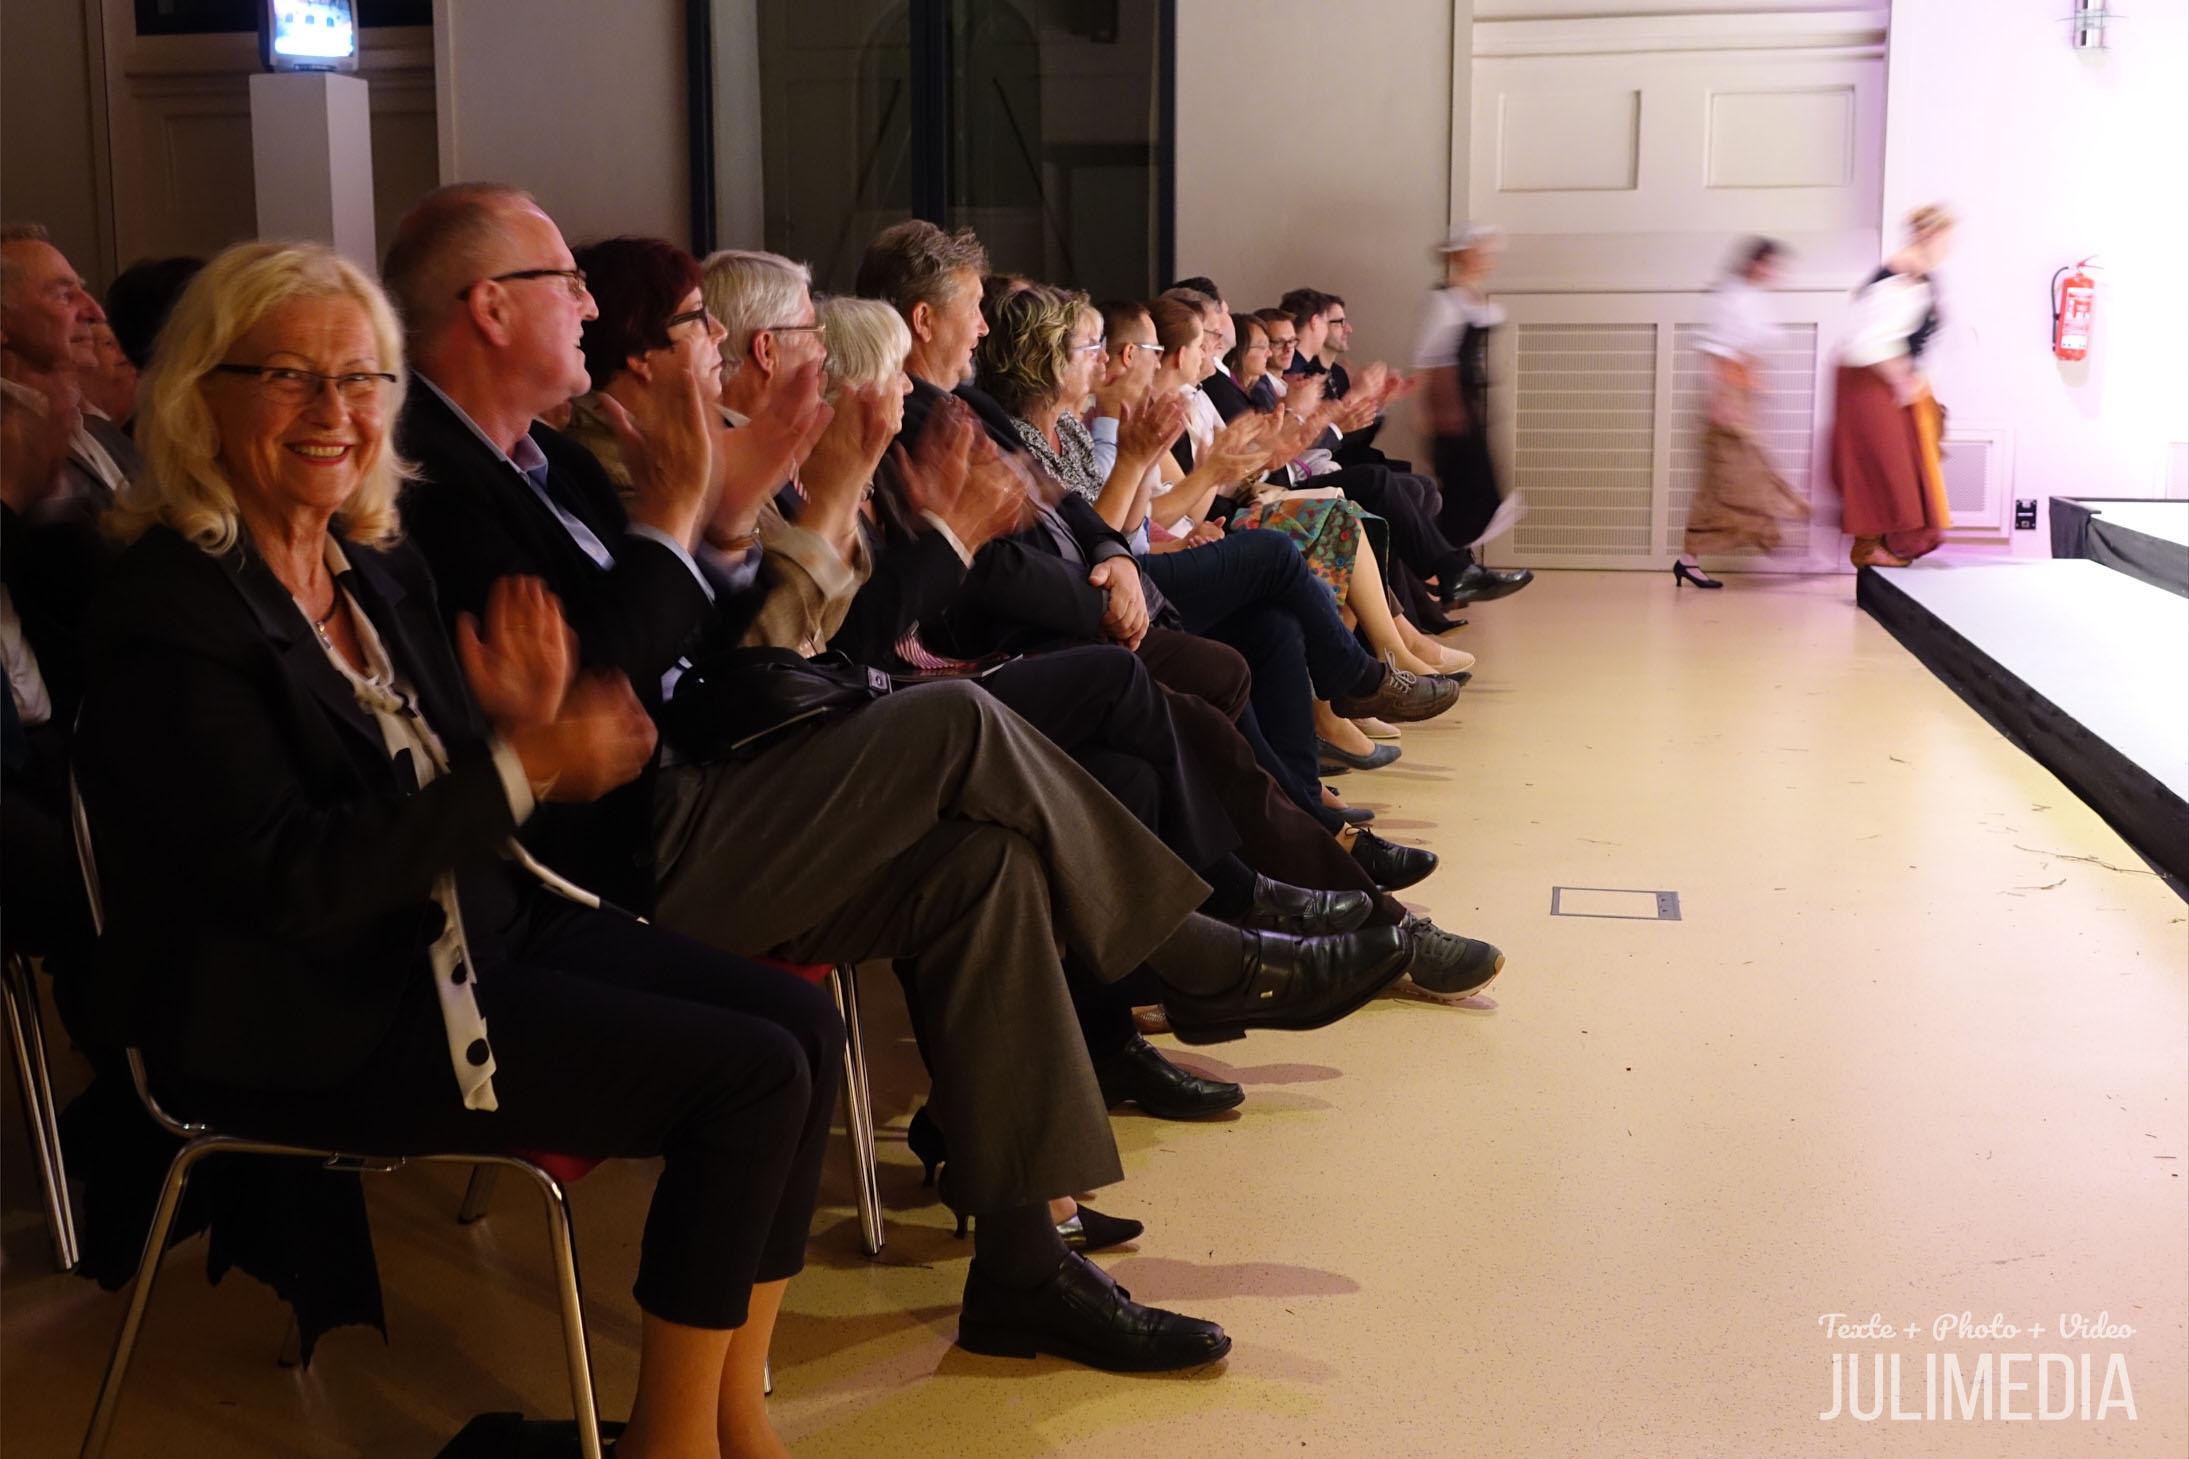 """Begeistertes Publikum. Die Oper """"Faust"""" hat am 11. August im Marstall  in Wernigerode Premiere gefeiert."""